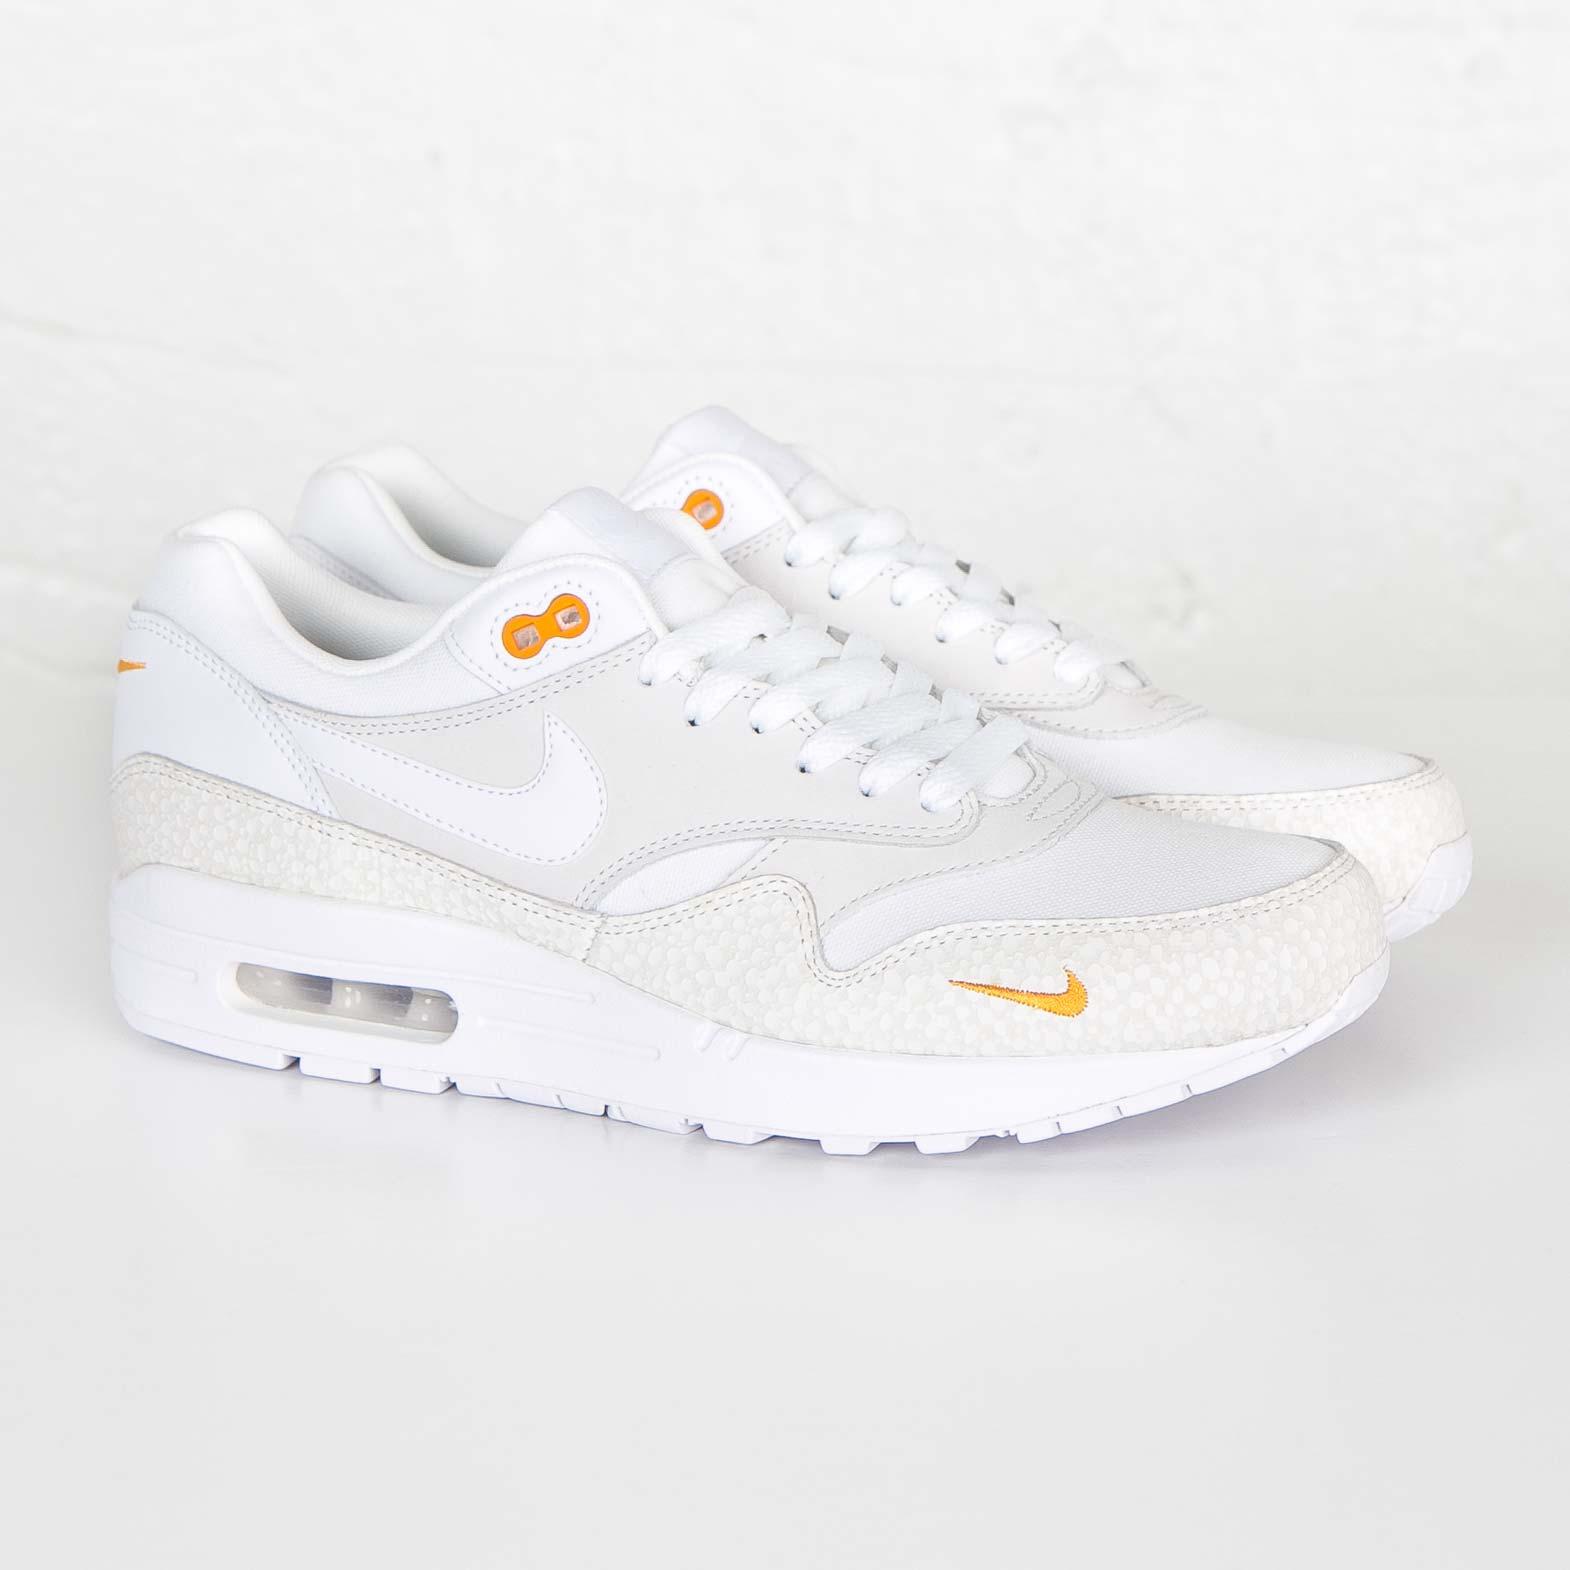 Buy Nike Air Max 1 Premium 110 512033 110 Online | at